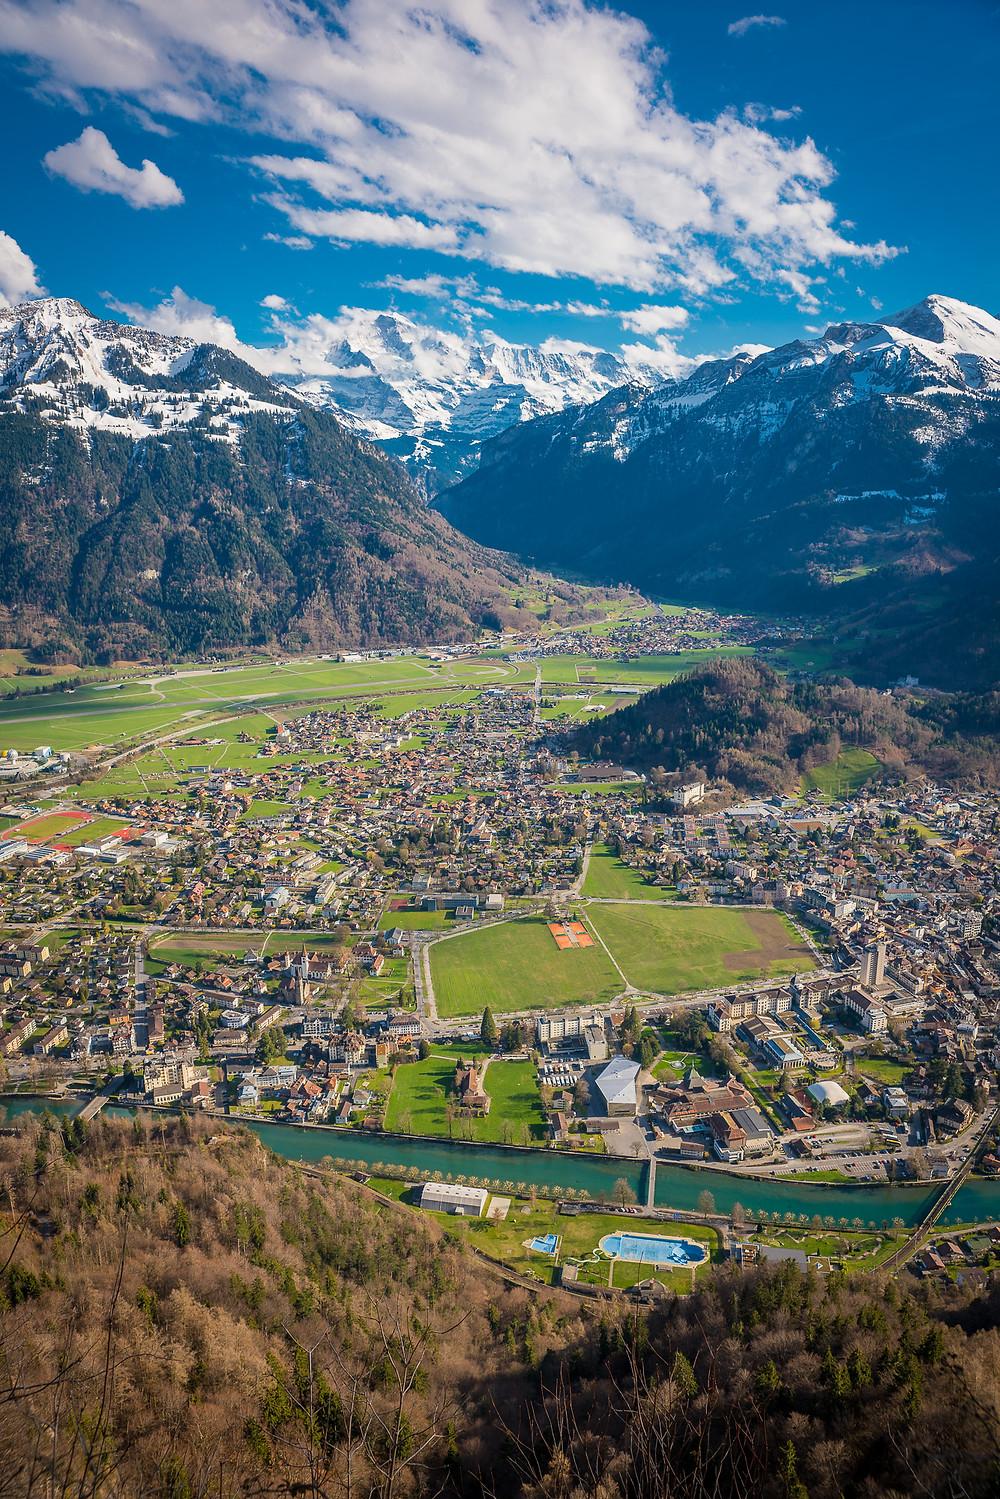 Interlaken Spring Jungfrau Höhematte Interlaken Ost